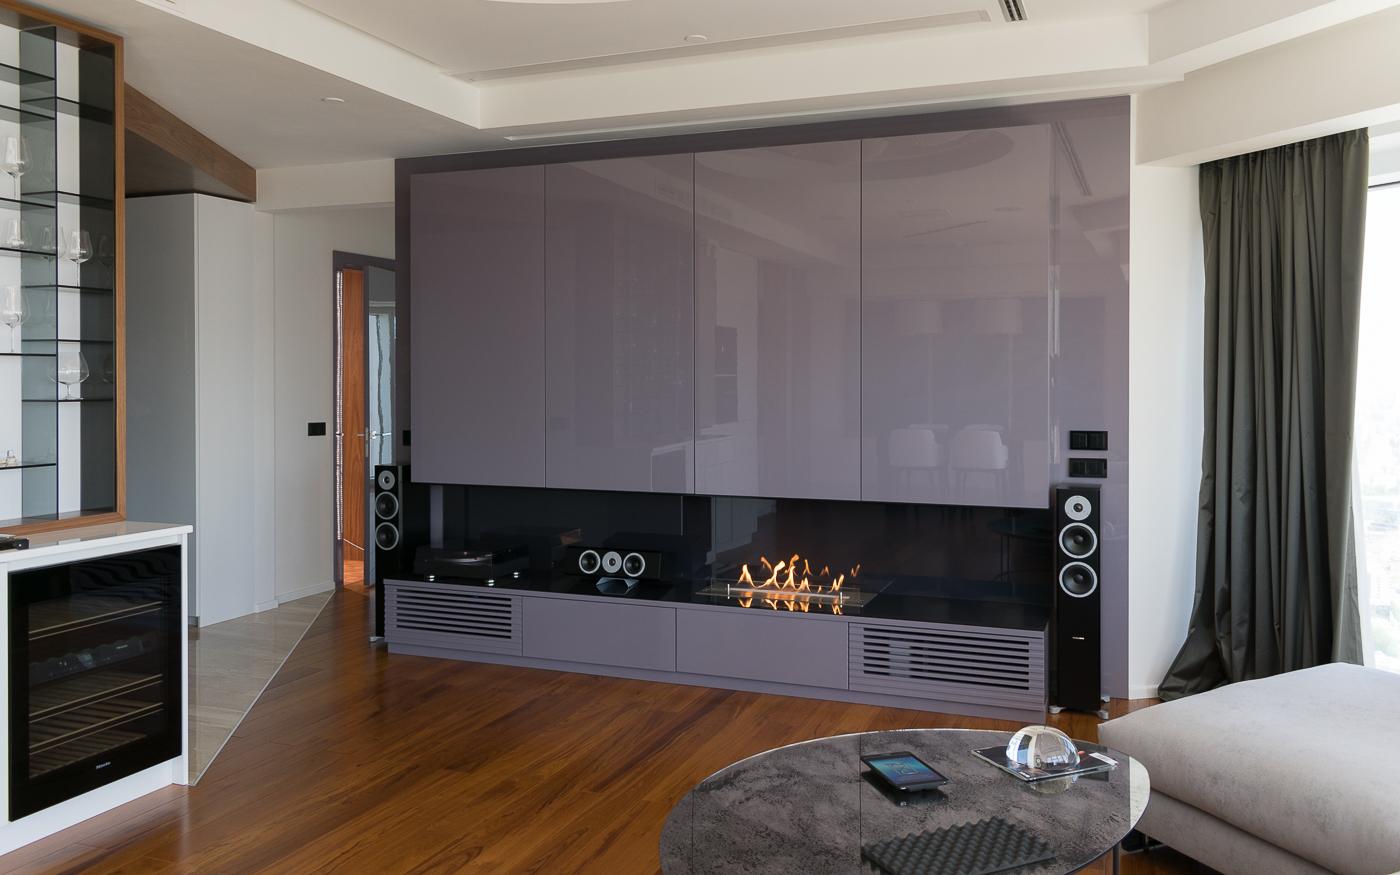 Домашний кинотеатр с акустическими системами Dynaudio Excite